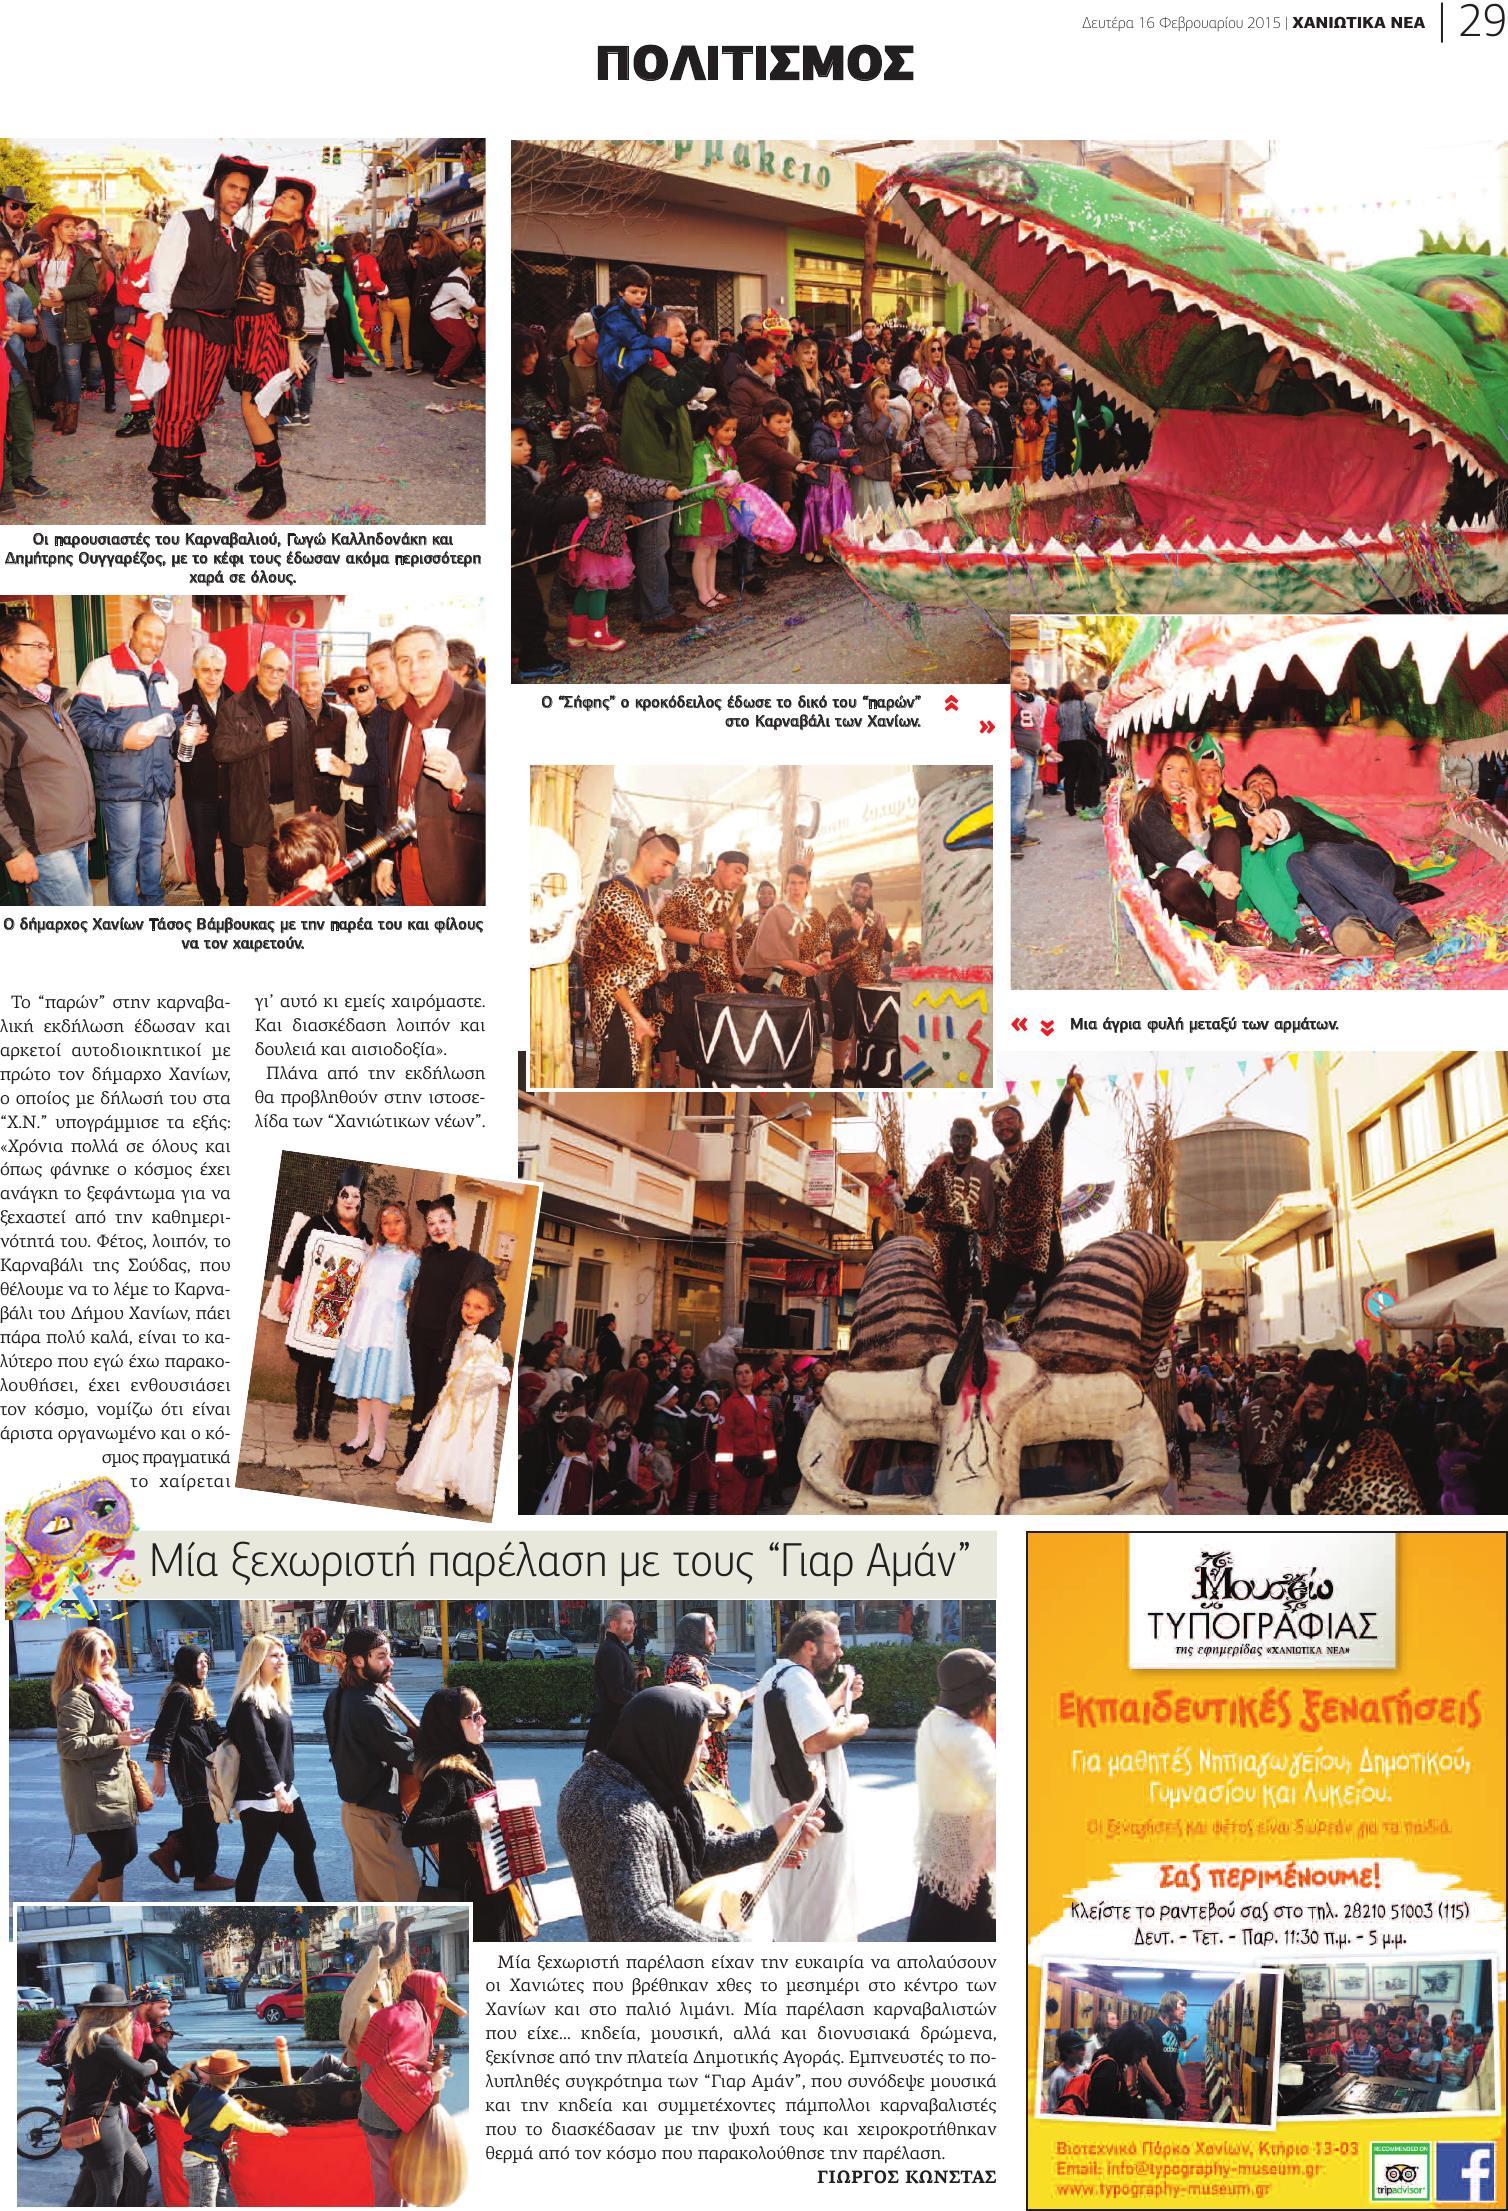 29-20150216 Καρναβάλι Χανίων σελίδα 2